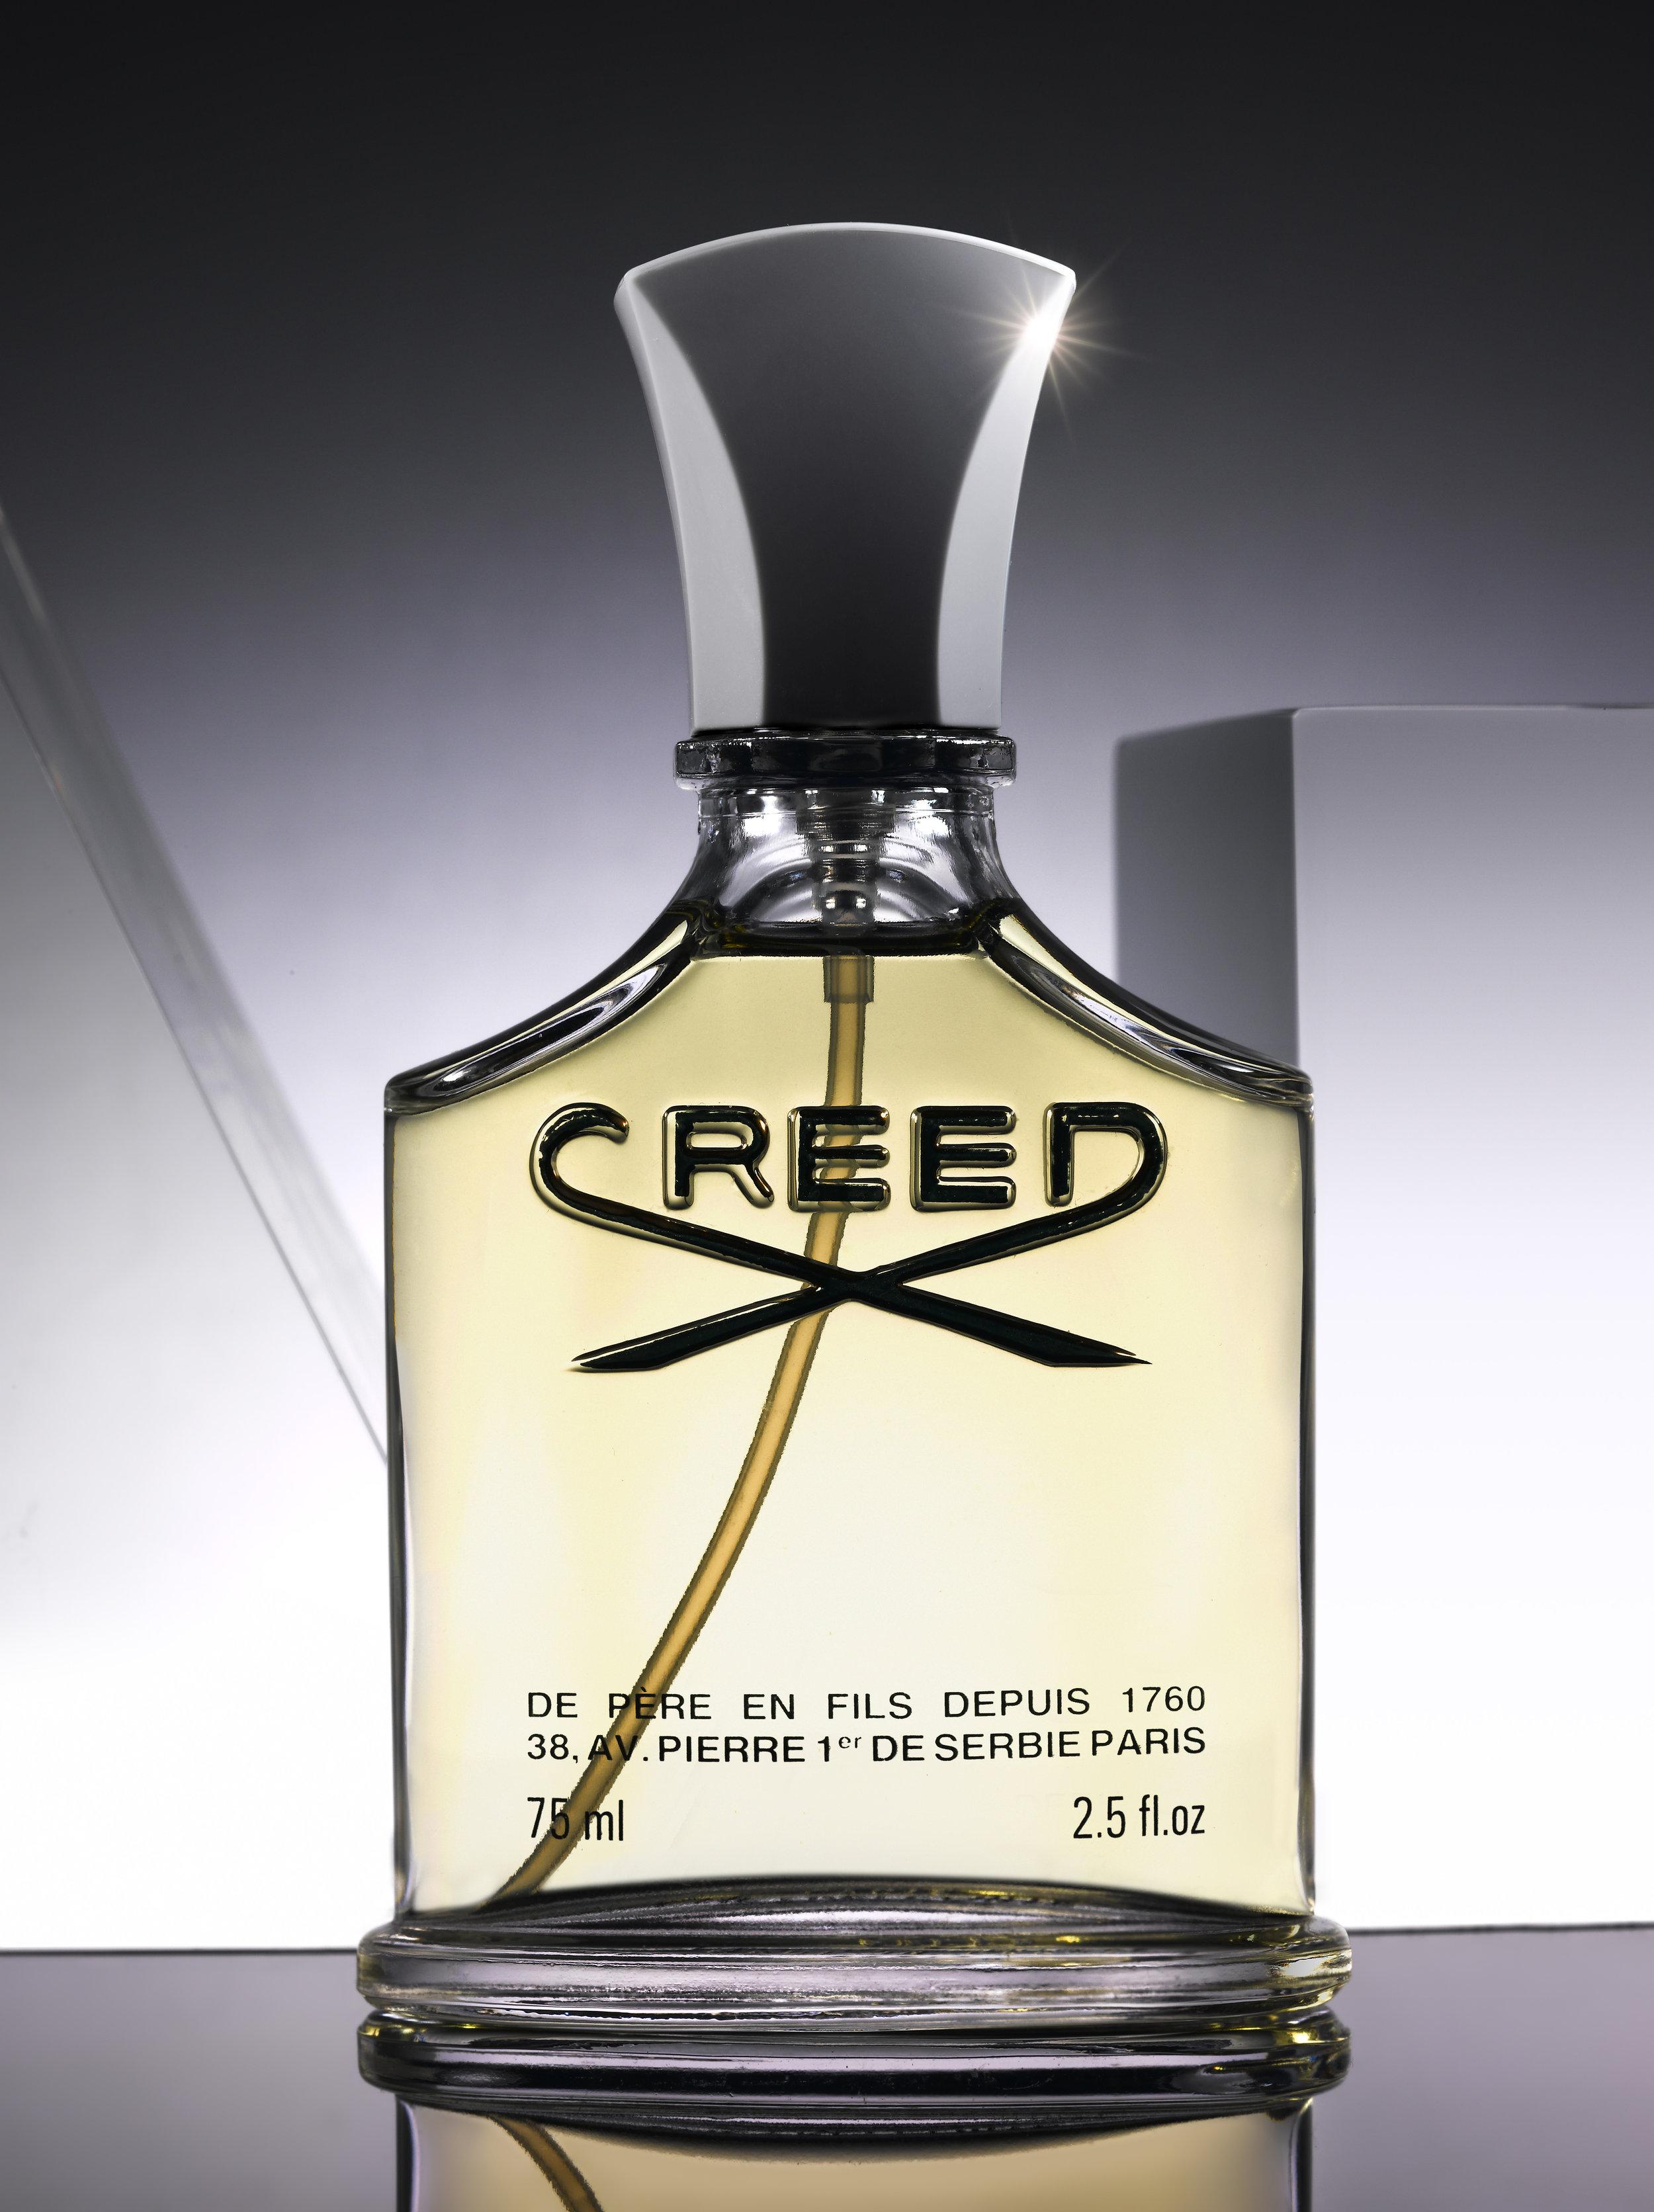 CREED110614-01-STARBURST.jpg